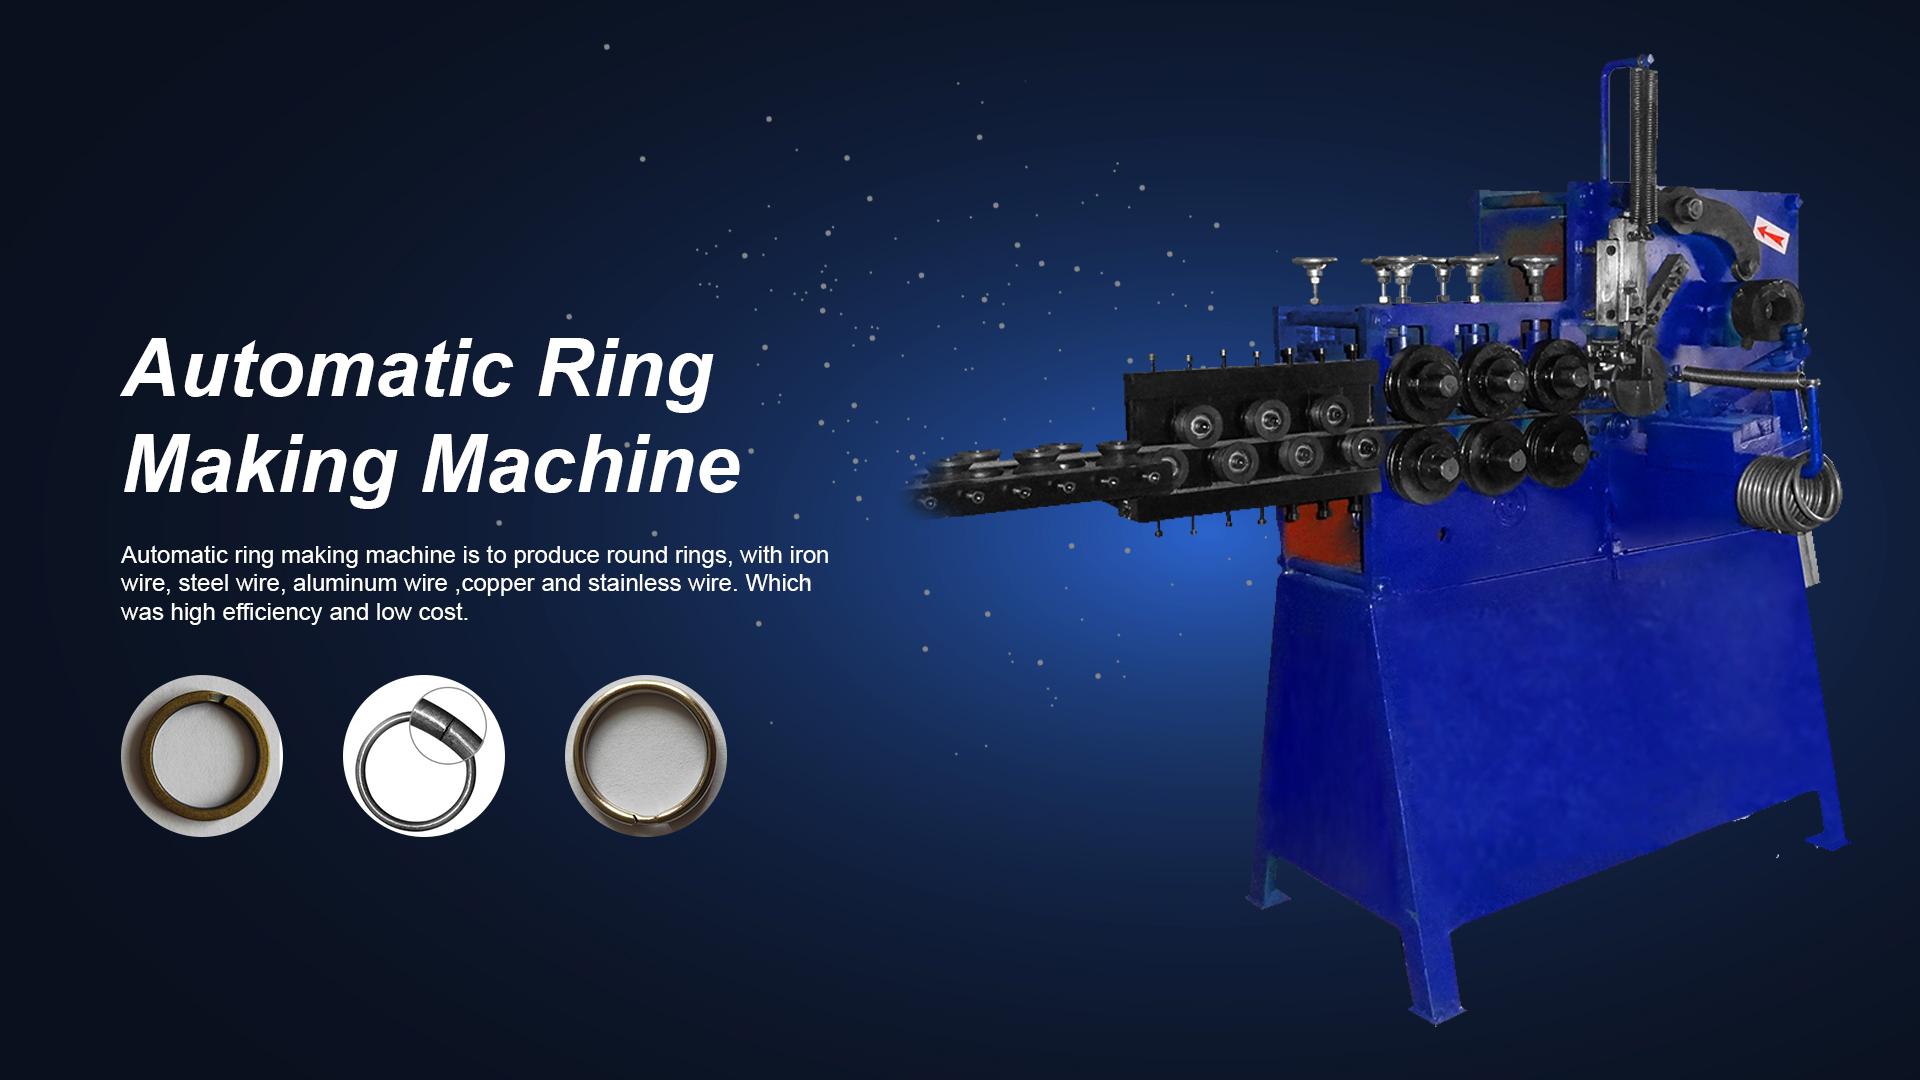 Máquina automática de fabricación de anillos - Máquina Xinsheng